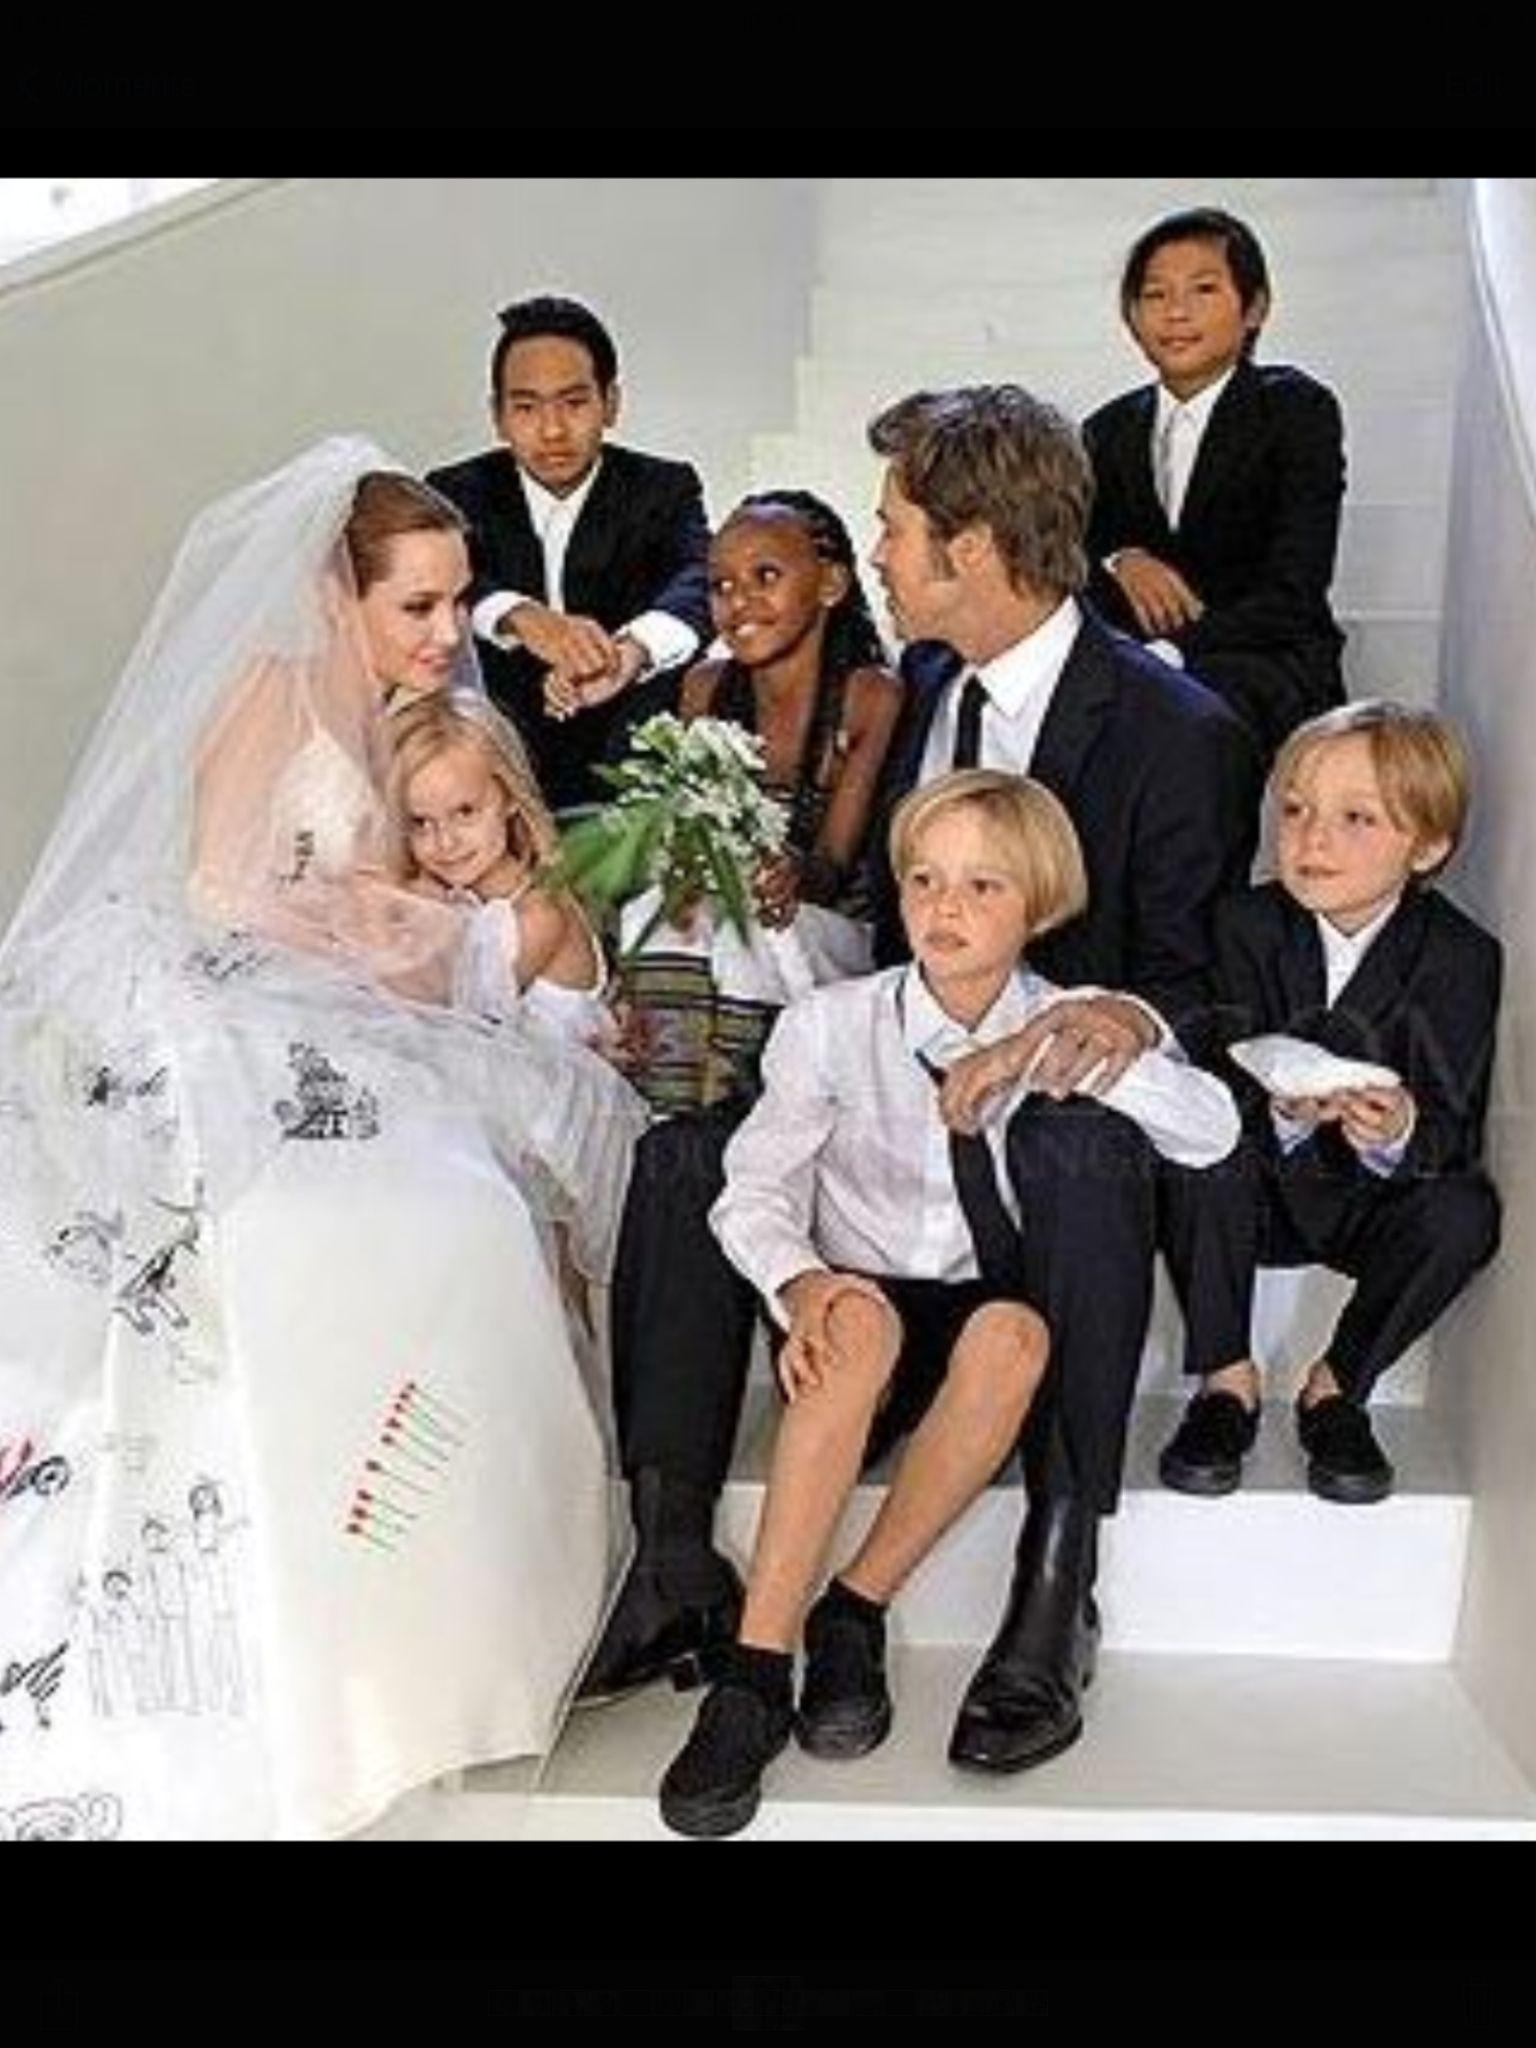 Pin Von Heather Hirschey Auf The Jolie Pitts Kleid Hochzeit Hochzeitsfeier Ideen Angelina Jolie